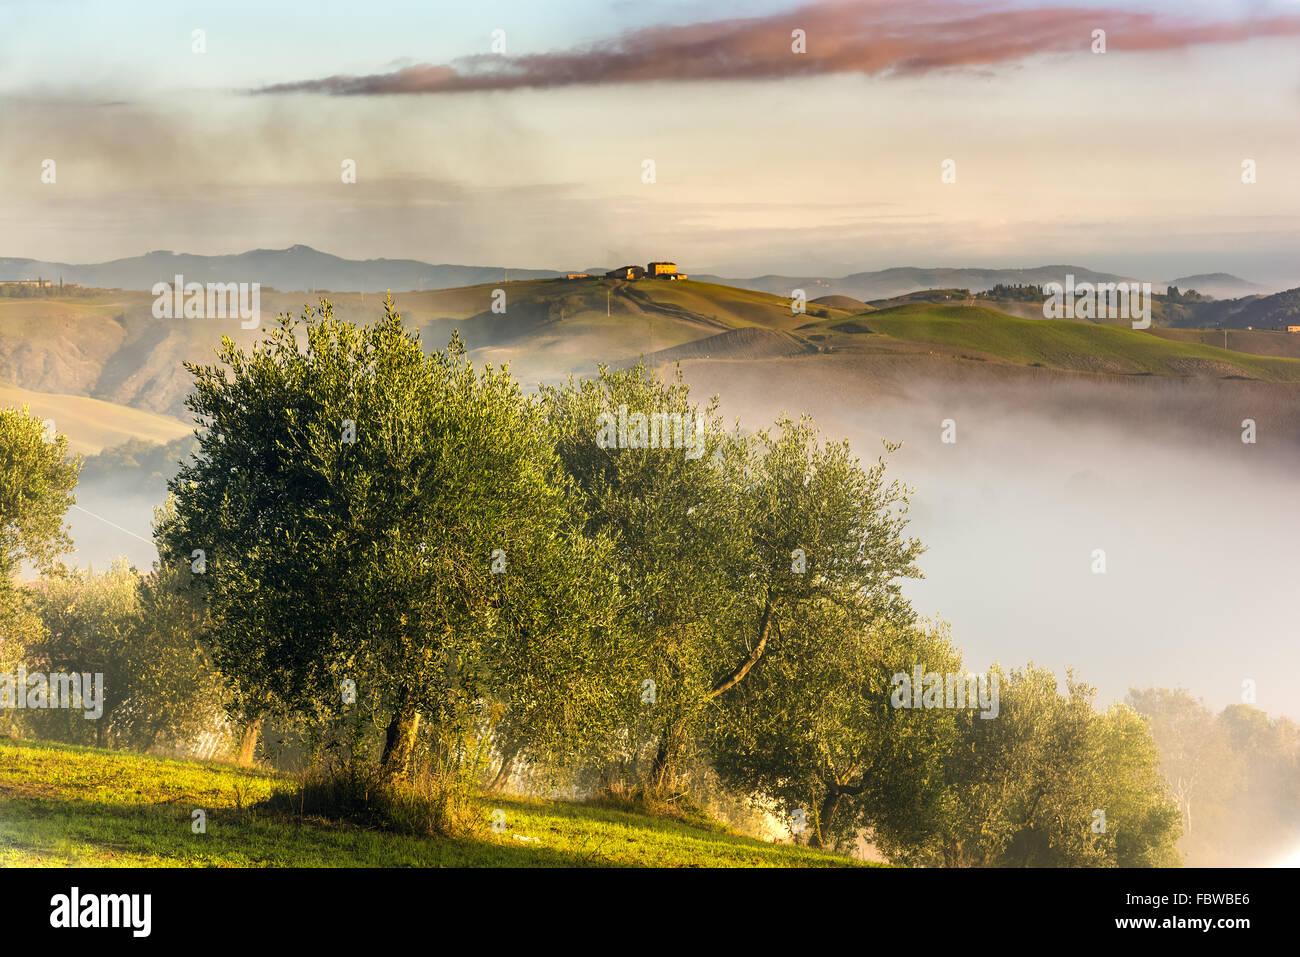 Olivenbäume in den Hügeln der Toskana. In der Nähe von Asciano, Crete Senesi Zone, Italien Stockbild